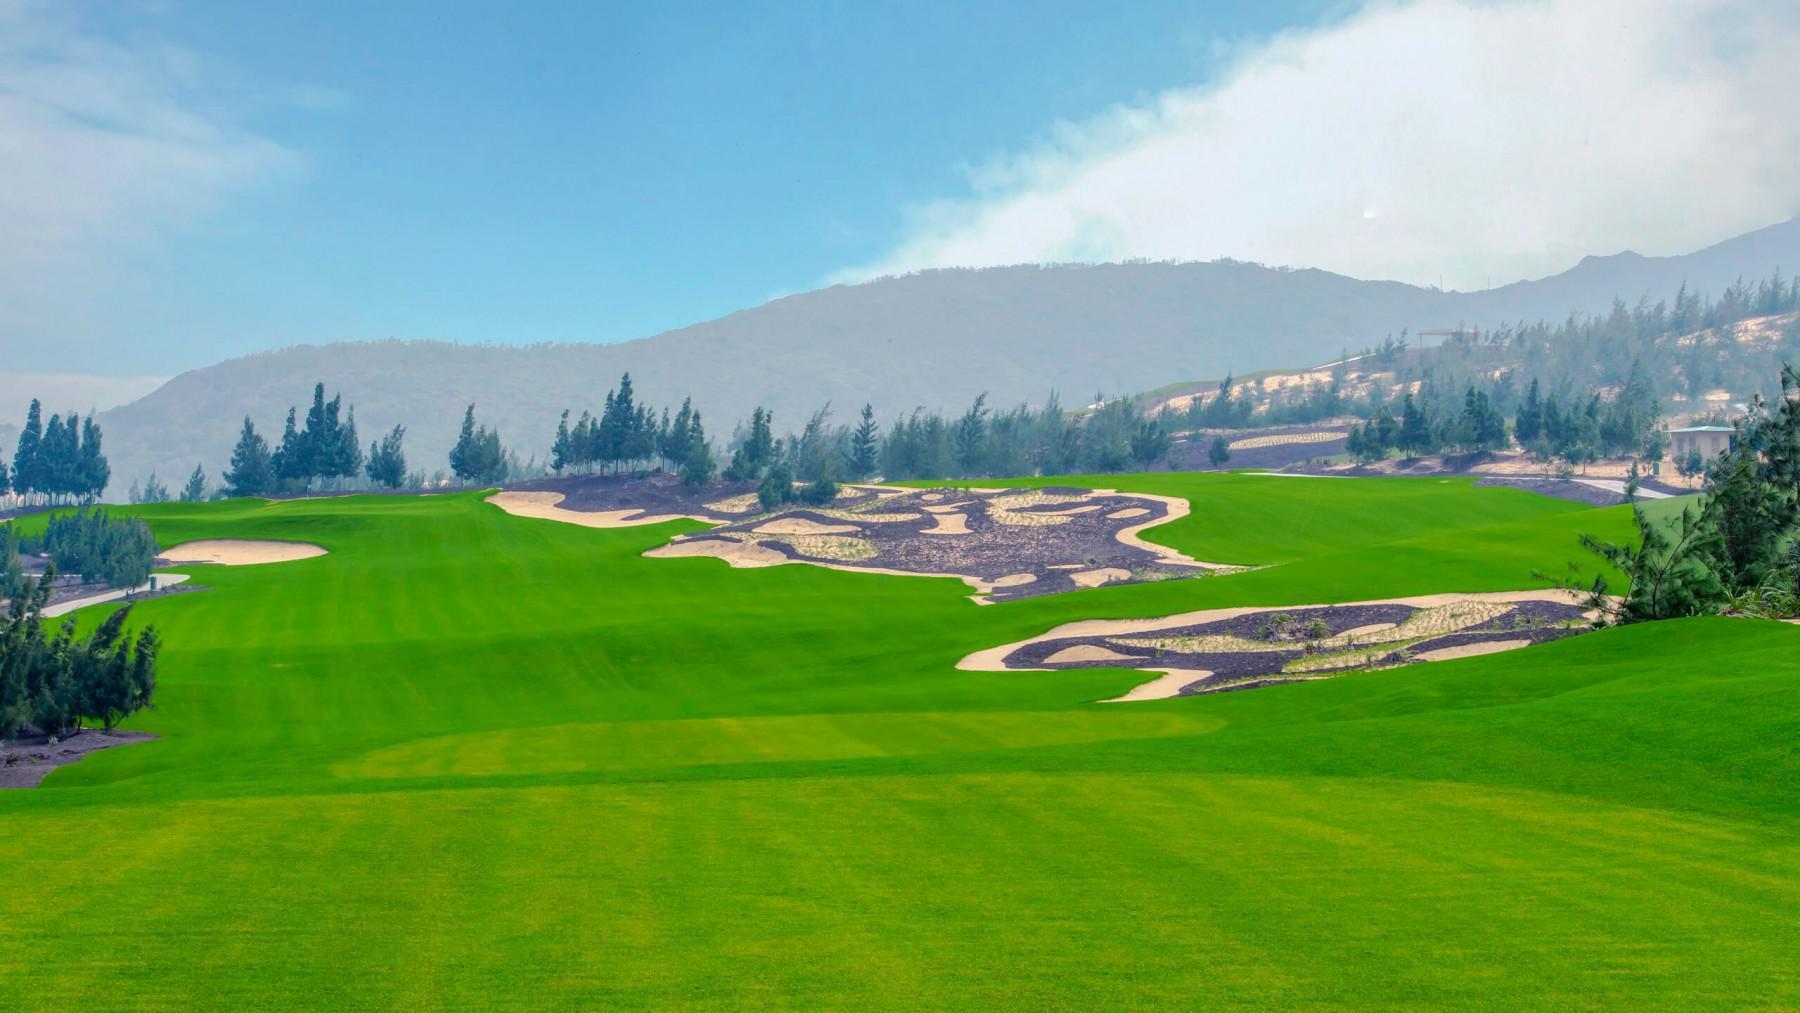 Đặt tee off sân FLC Quy Nhon Golf Links - 18 hố -cuối tuần